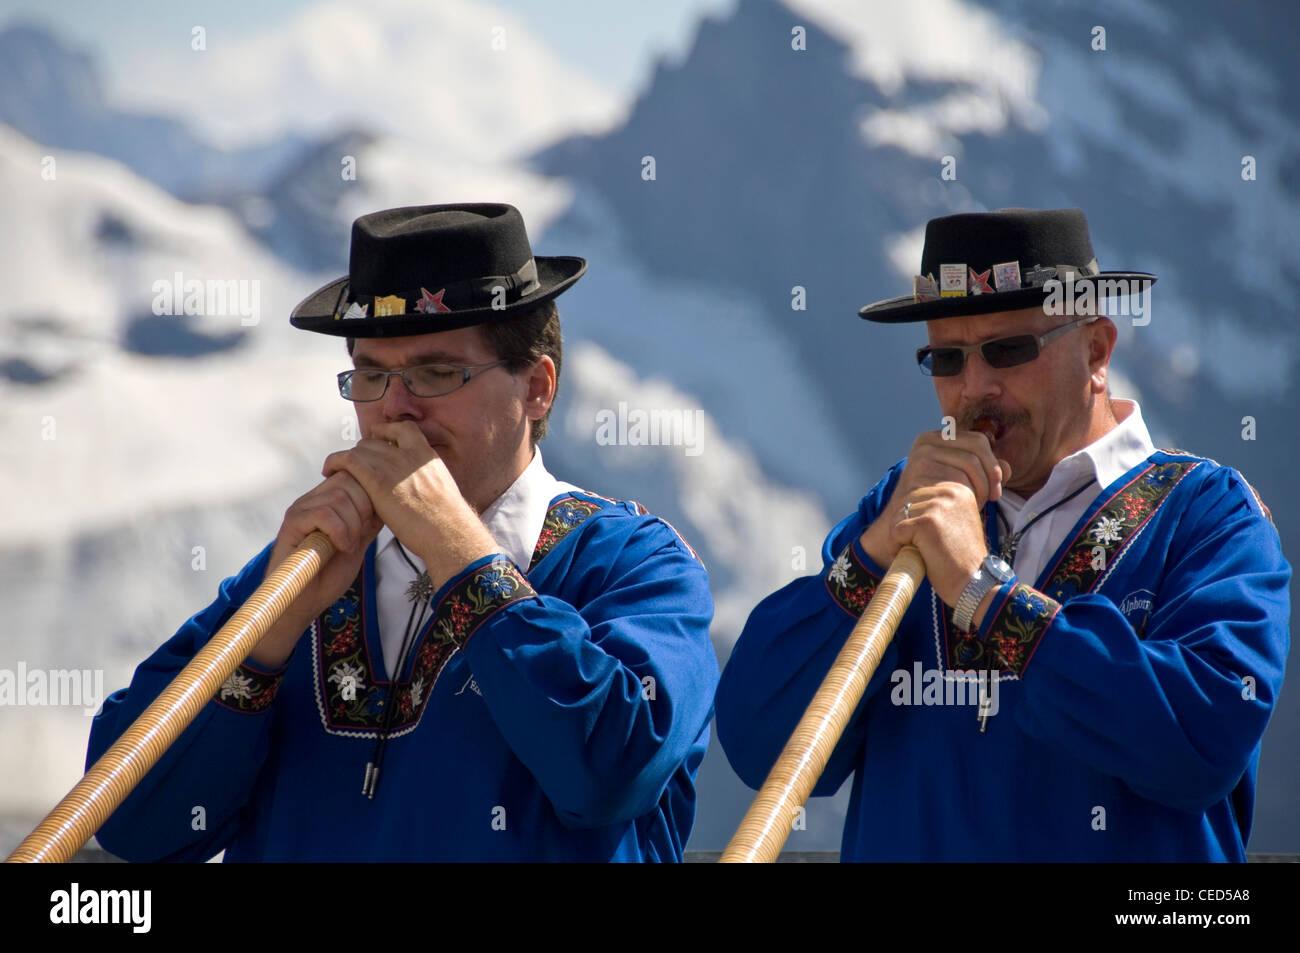 schweizer männer